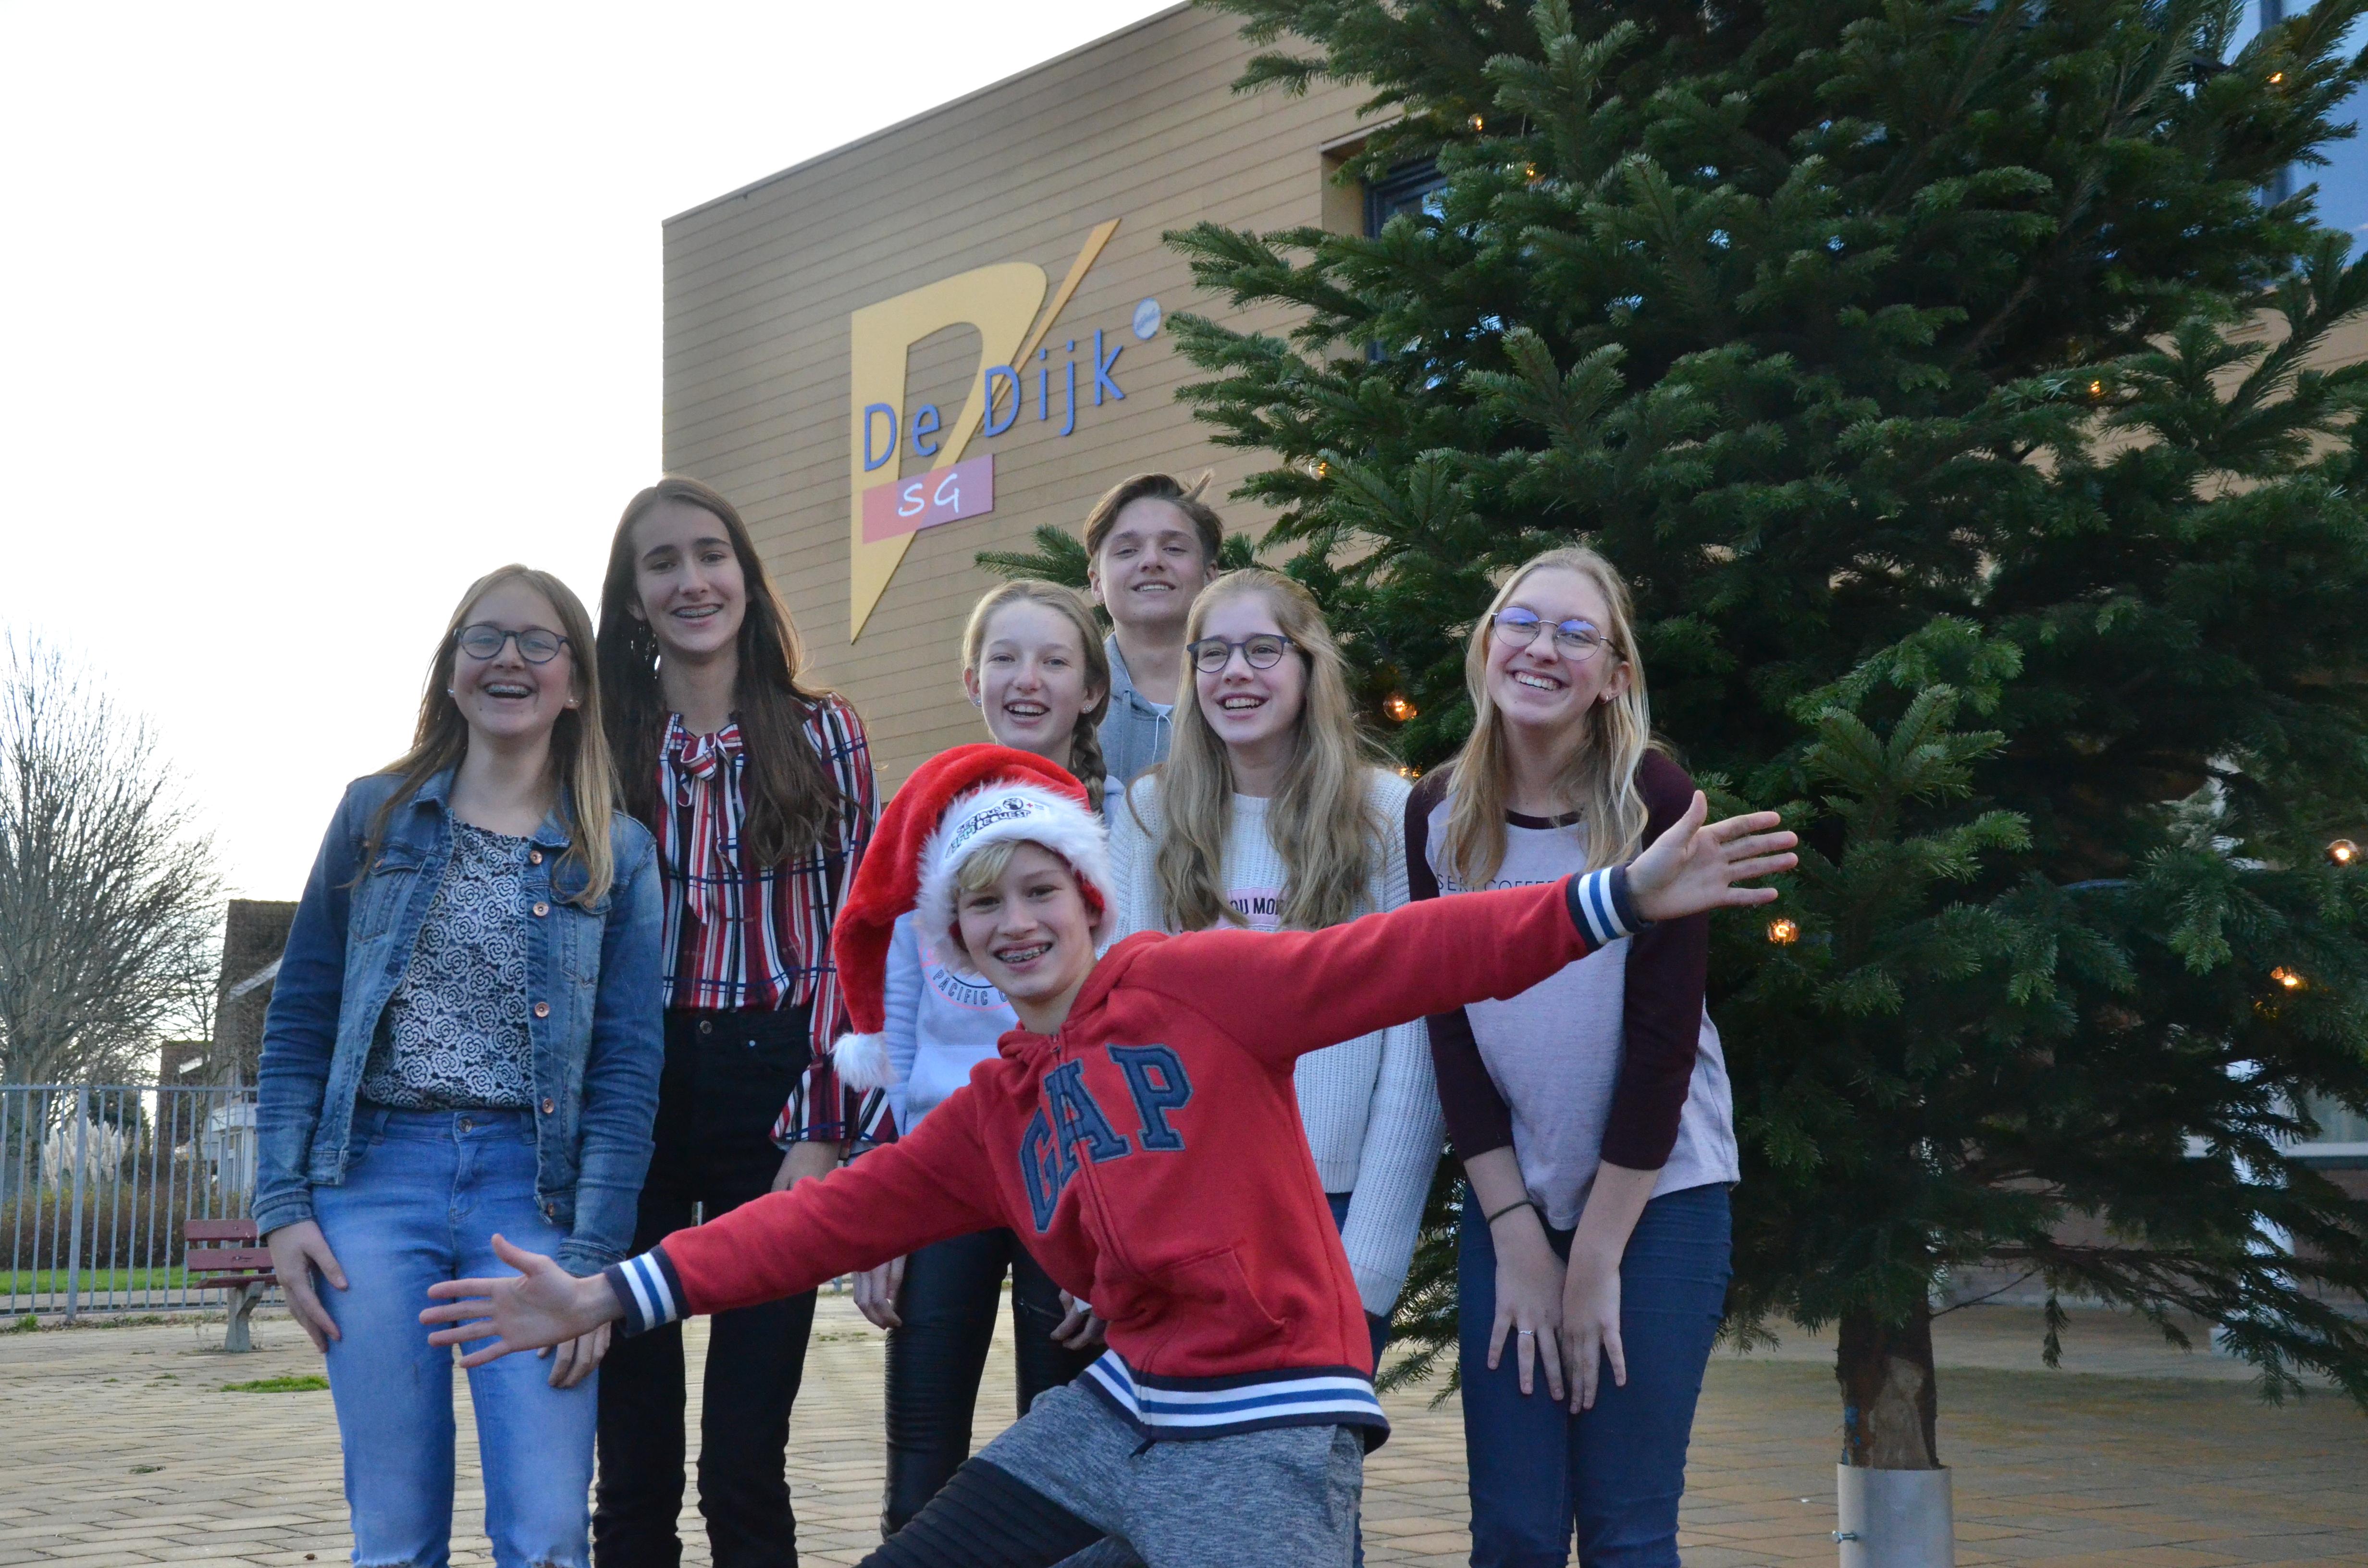 Het Serious Request kerstkoor van SG De Dijk zingt woensdag 19 december tussen 14.30 en 17.00 uur in Valbrug. (Foto: aangeleverd)